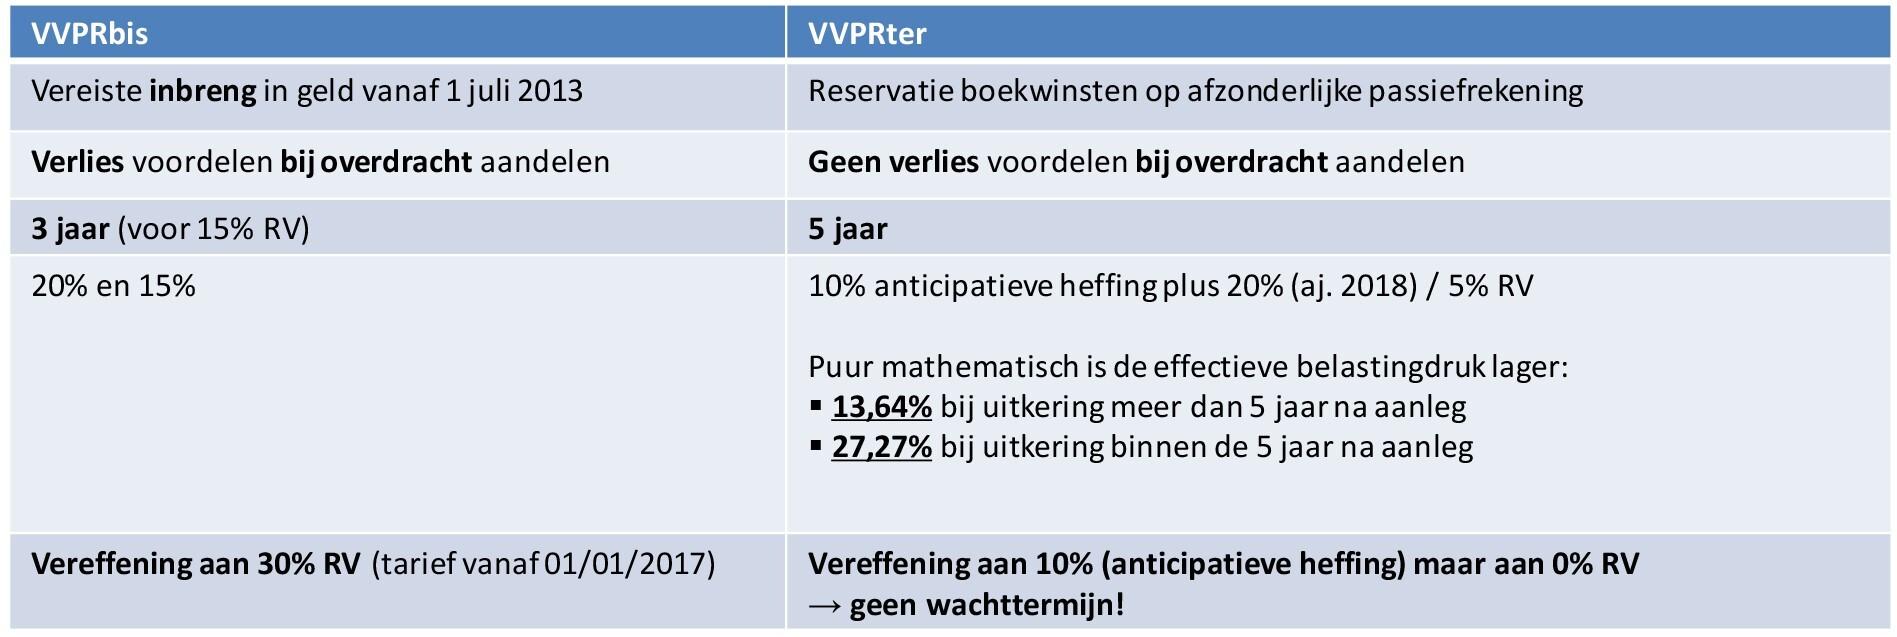 Vergelijking VVPRter versus VVPRbis